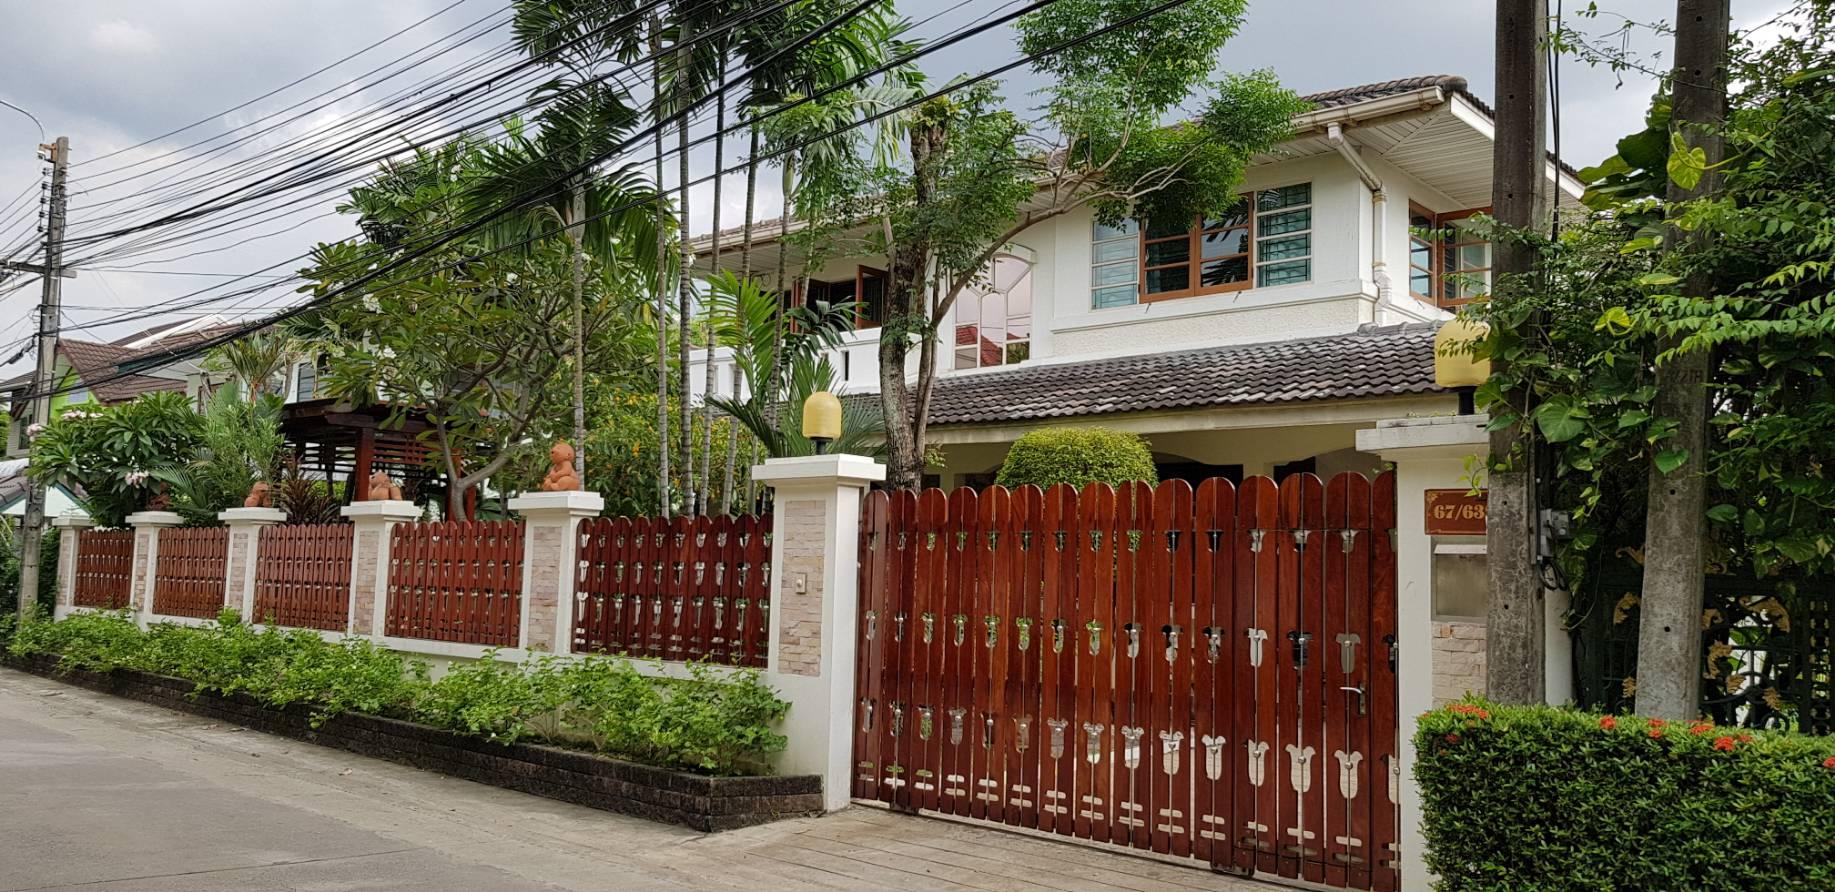 ภาพบ้านสวยพร้อมที่ดืนผืนใหญ่ 328 ตารางวา บนถนนแจ้งวัฒนะ-วิภาวดีรังสิต ในเขตใกล้รถไฟฟ้าสีแดง-สีชมพู ตัวบ้านสวย พร้อมอยู่